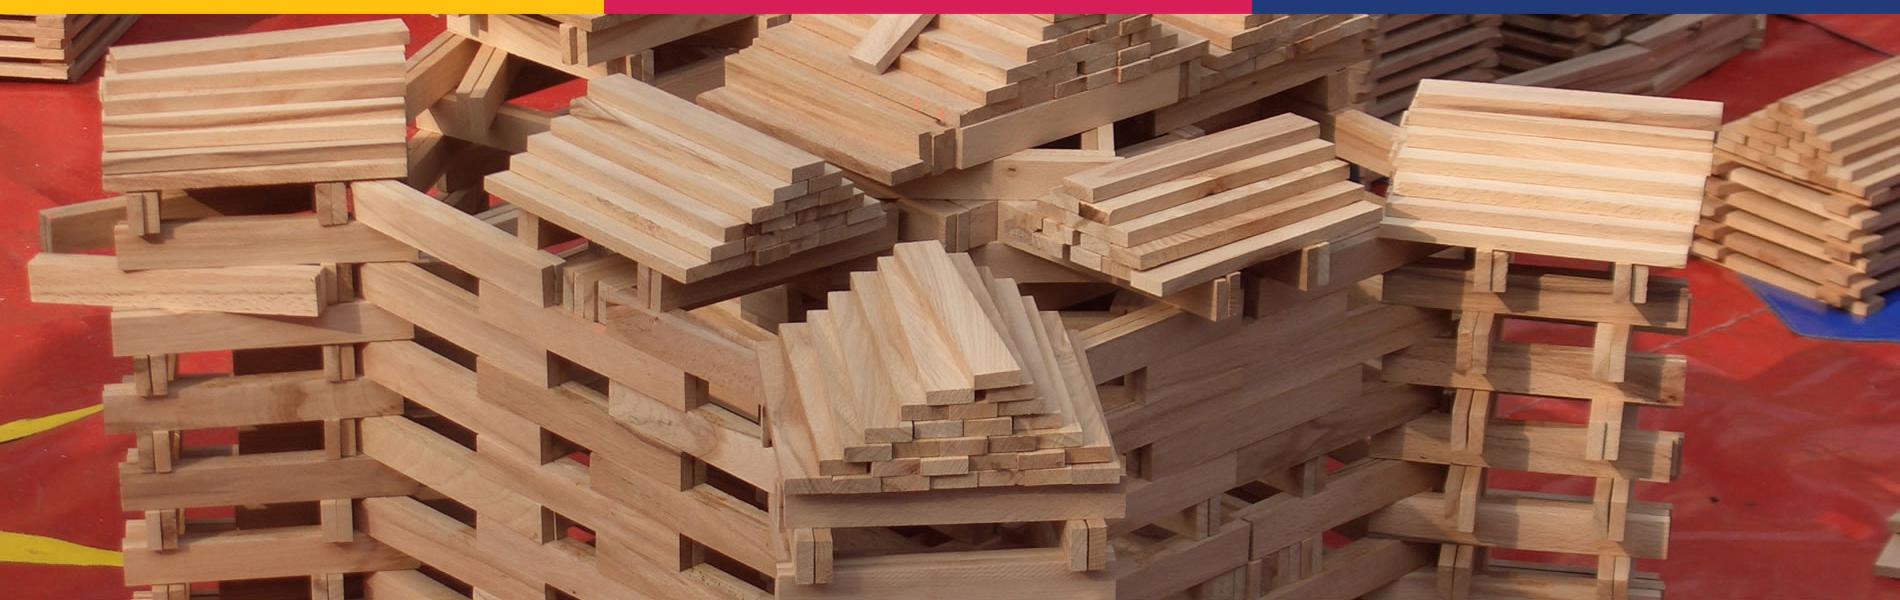 Holzturmbau | Landeskirchliche Gemeinschaft Osnabrück